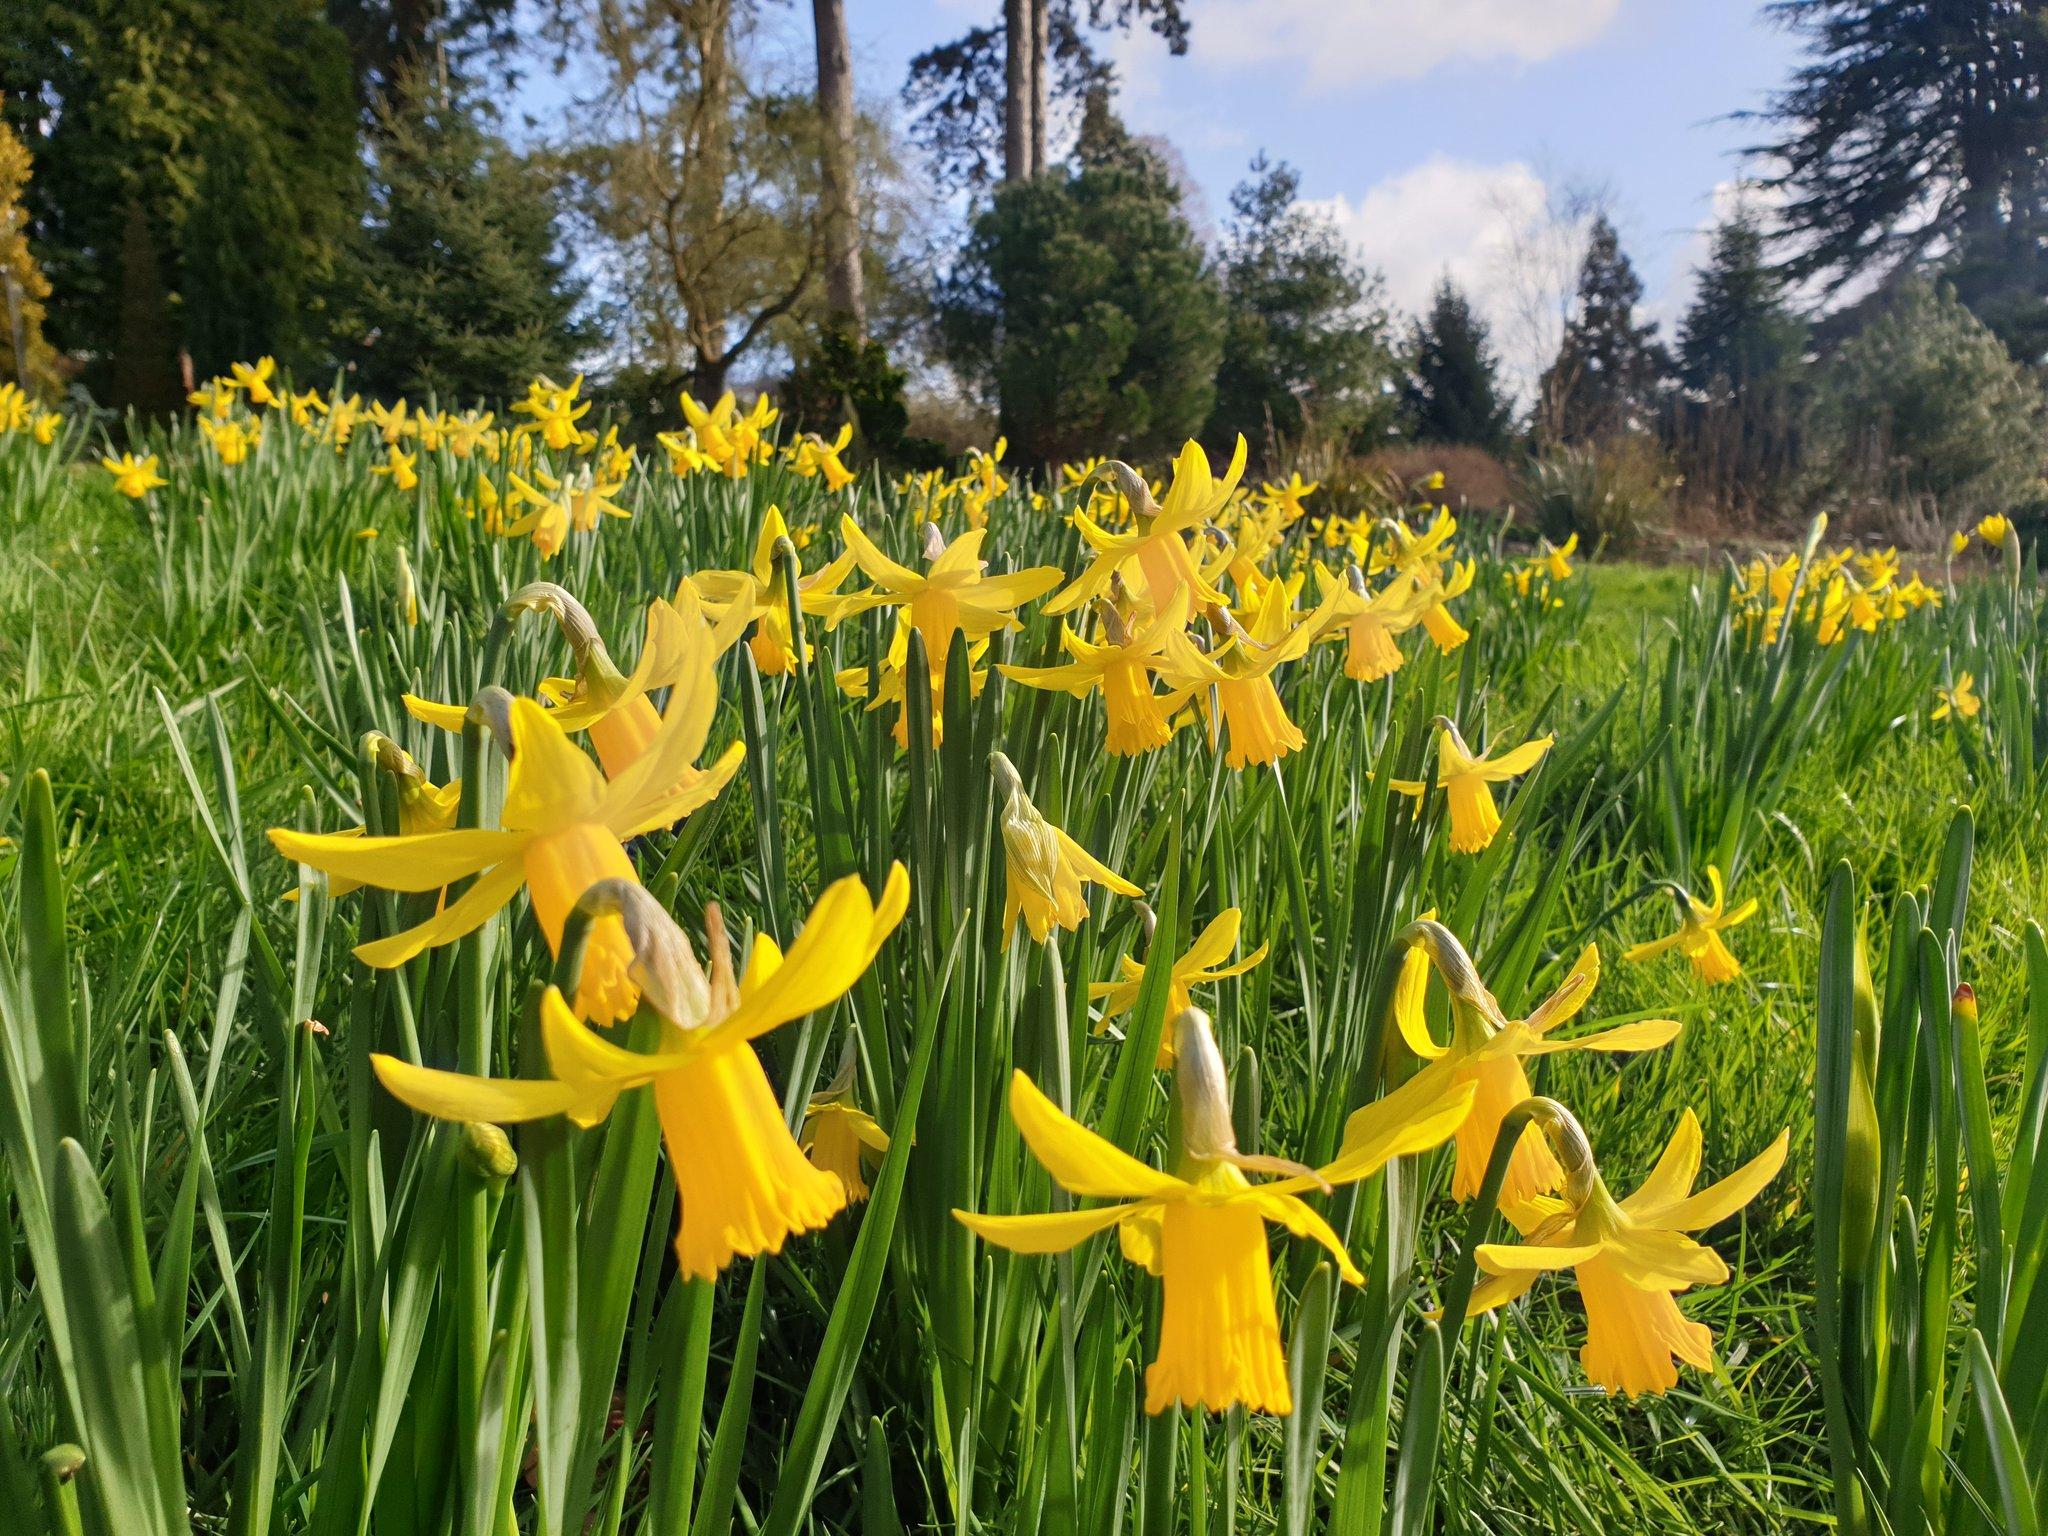 Daffodils on West Lawn